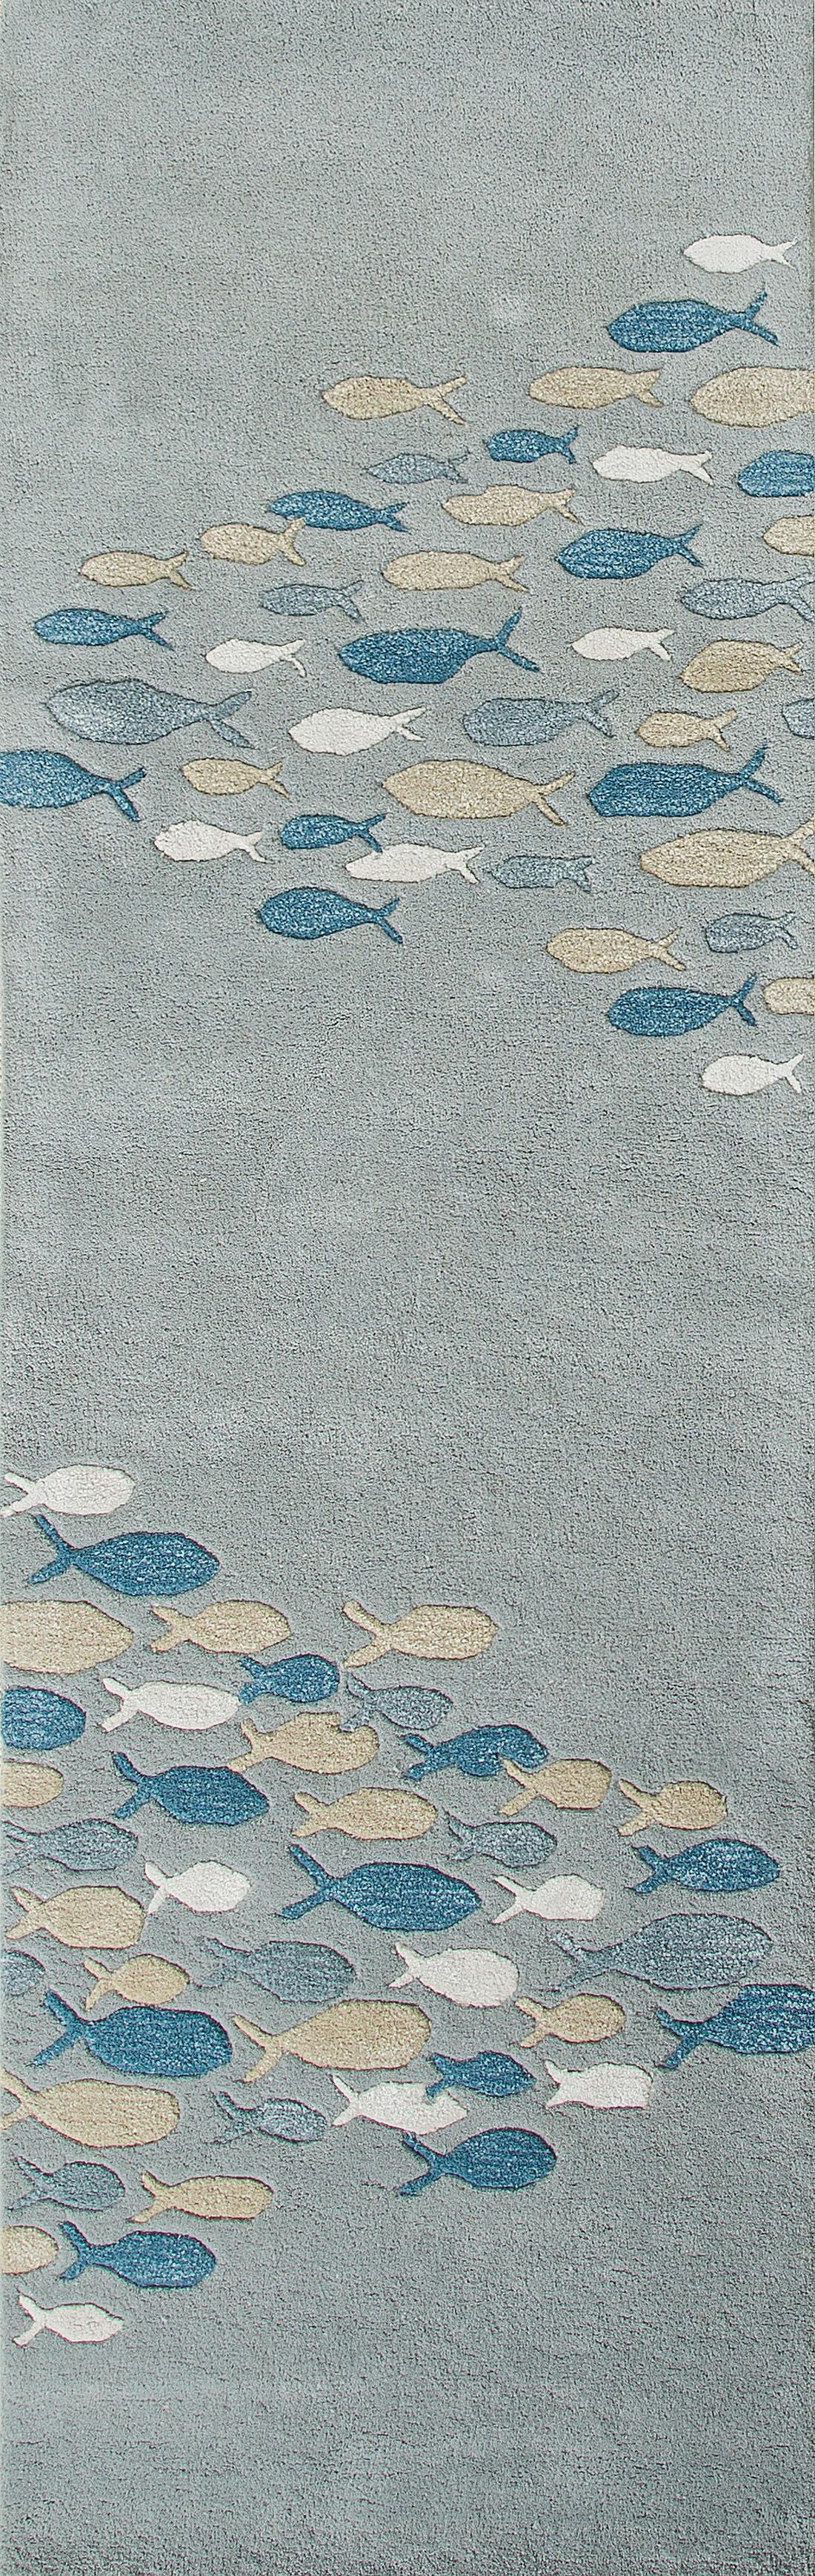 Jaipur Rugs Floor Coverings Hand Tufted Animal Print Pattern Wool